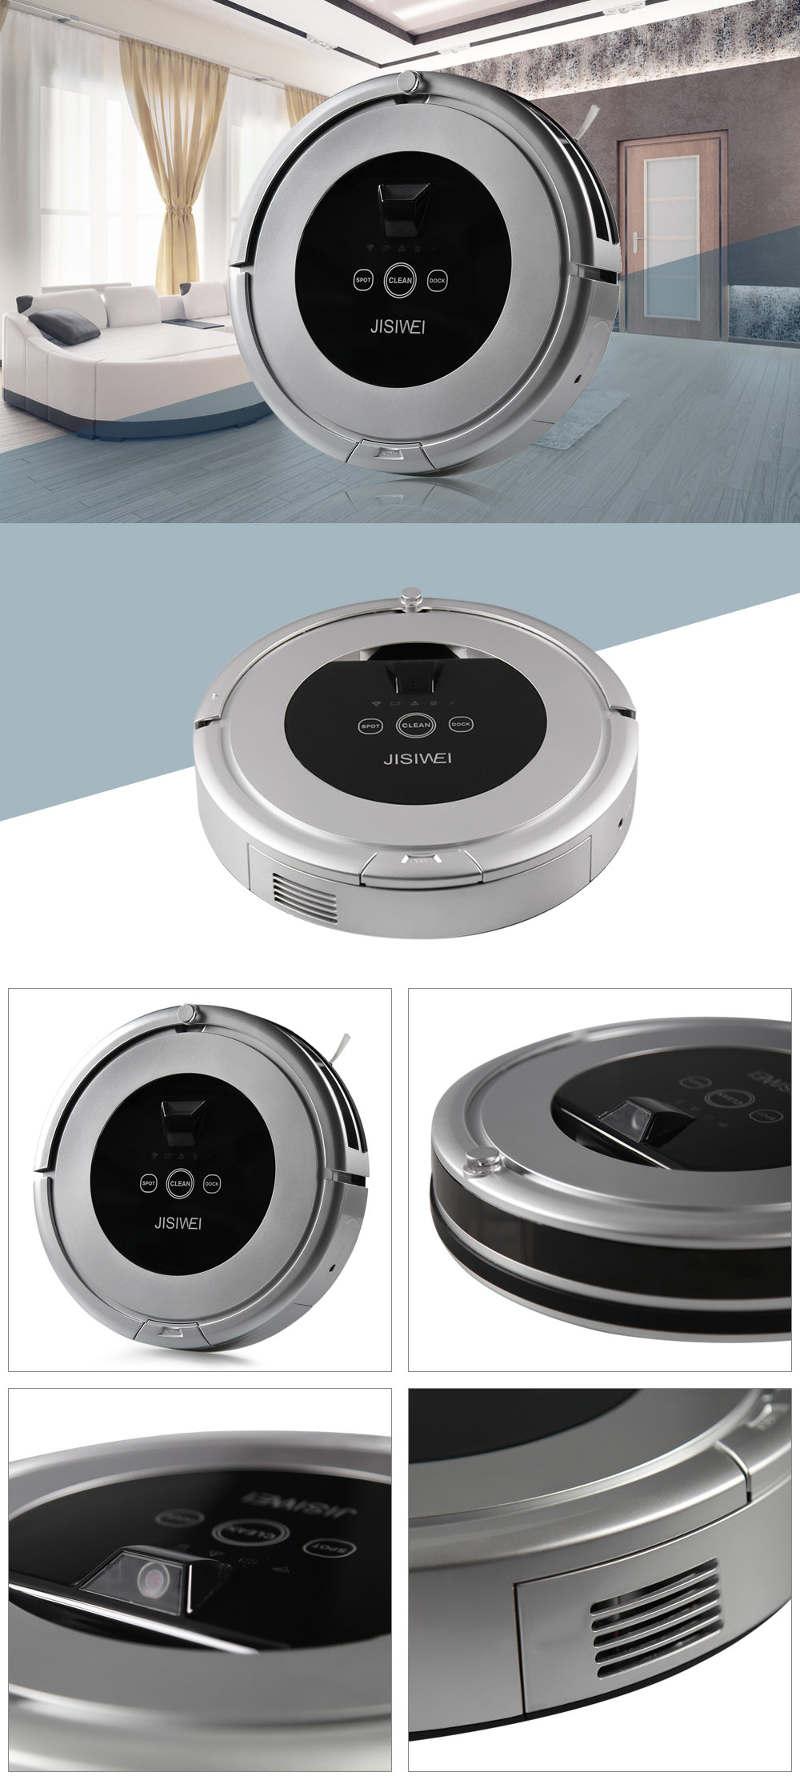 Test Jisiwei i5 - Design et vues multiples de l'aspirateur robot